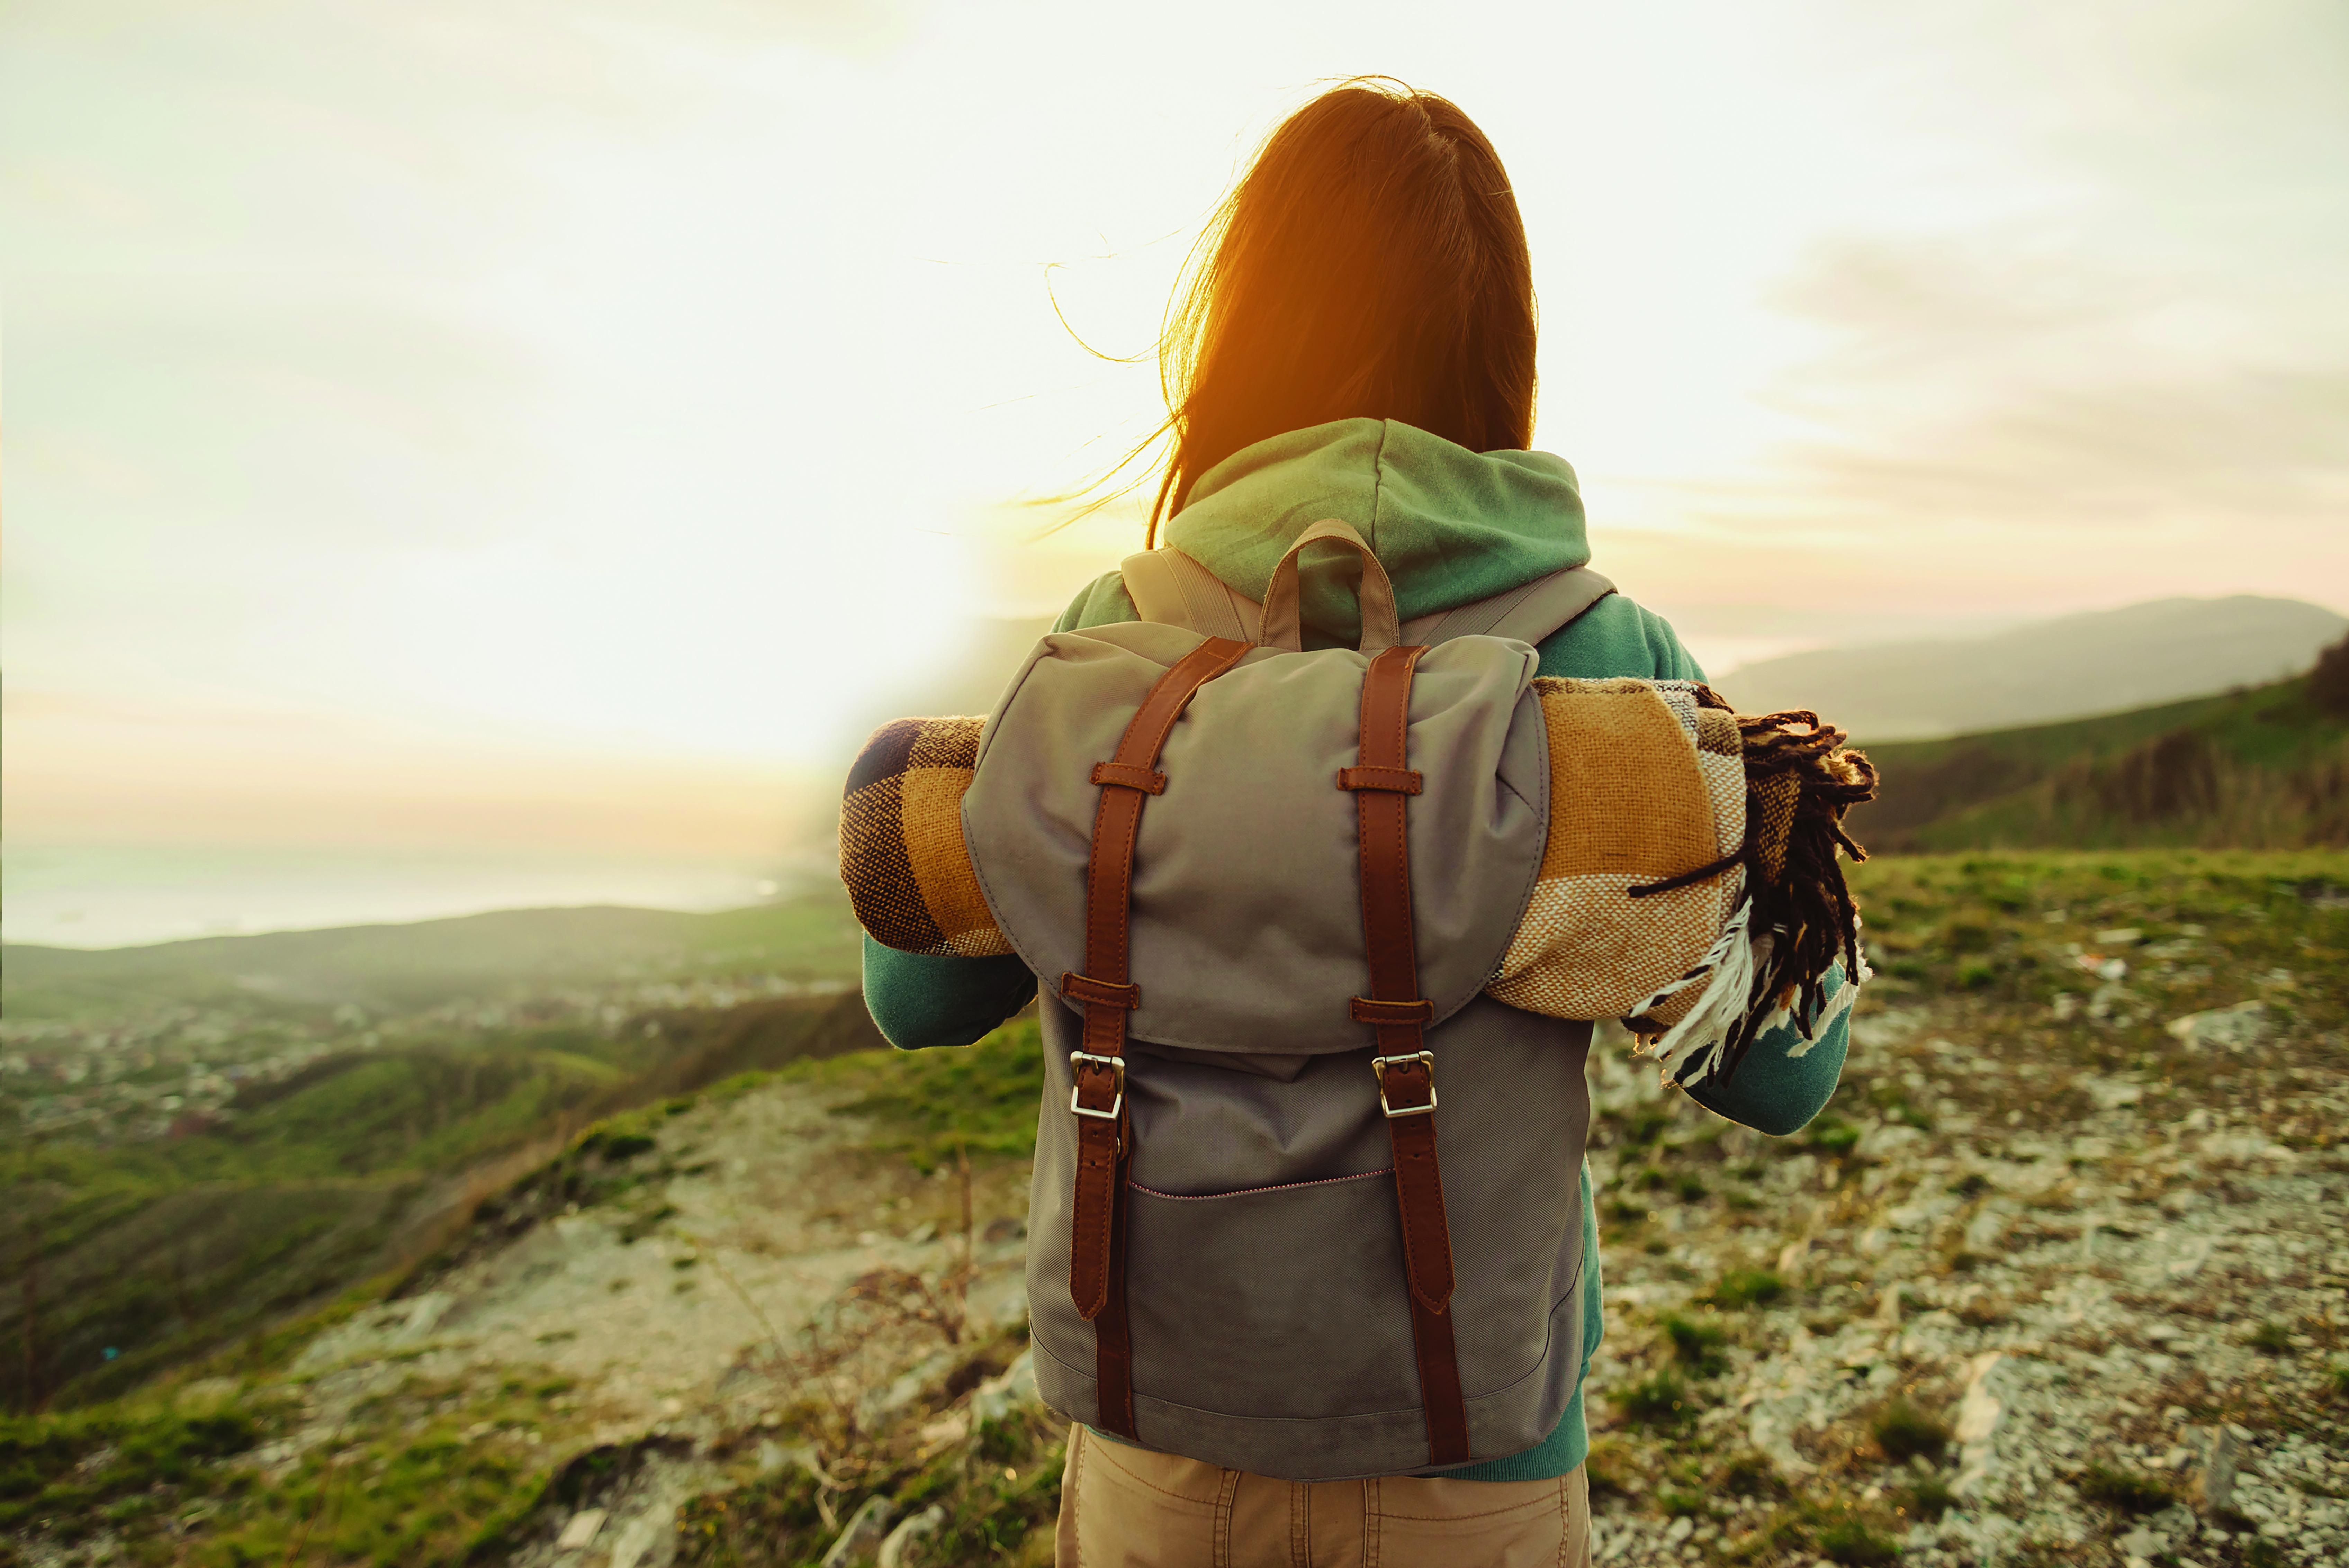 Eine Frau die mit einem Rucksack auf dem Rücken in der Sonne steht und wandert.